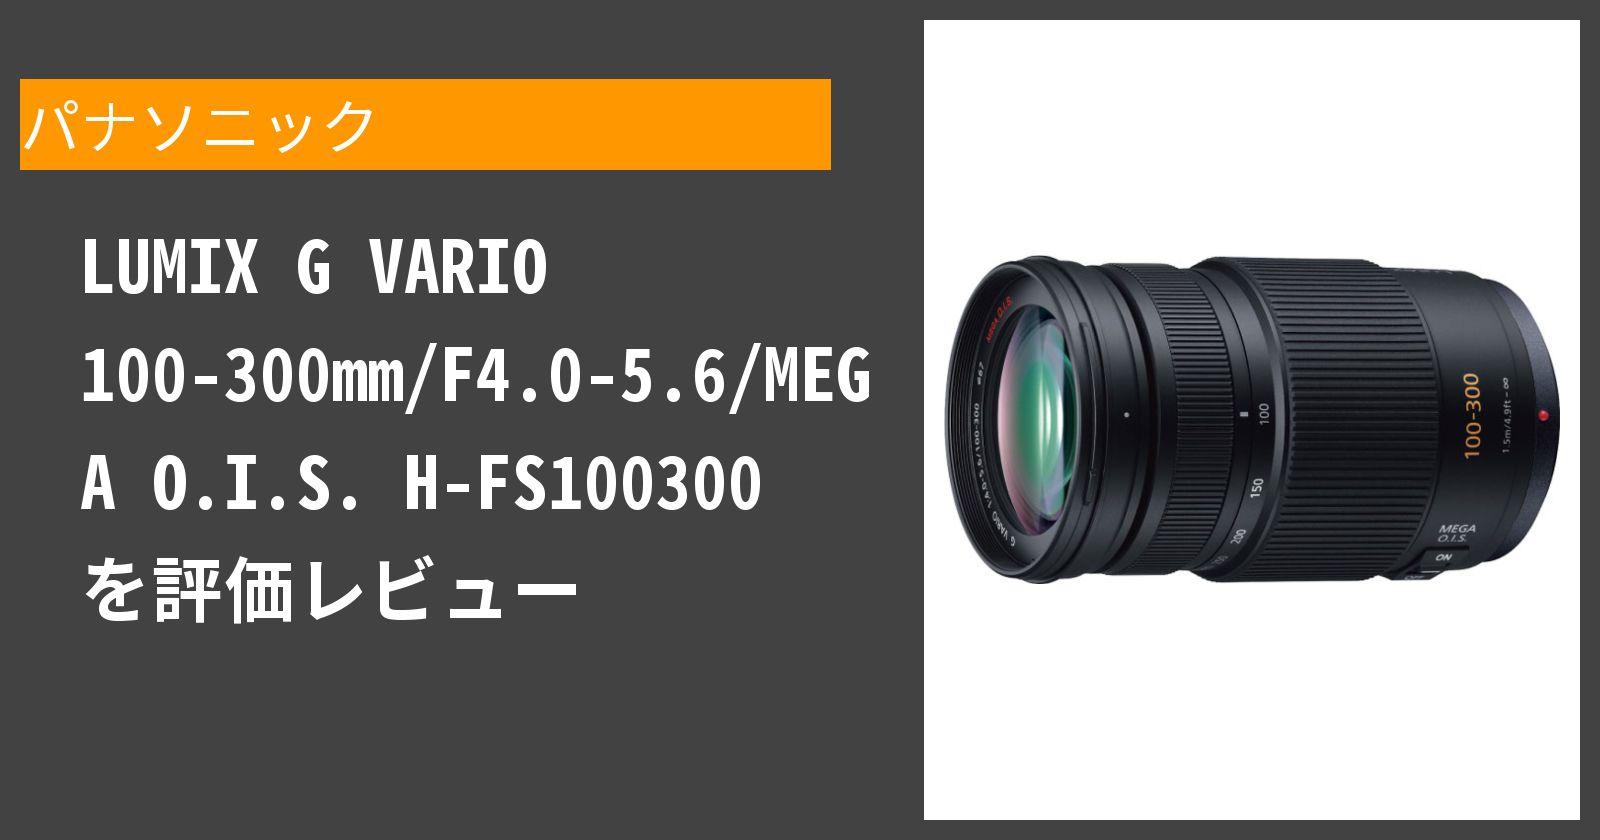 LUMIX G VARIO 100-300mm/F4.0-5.6/MEGA O.I.S. H-FS100300を徹底評価